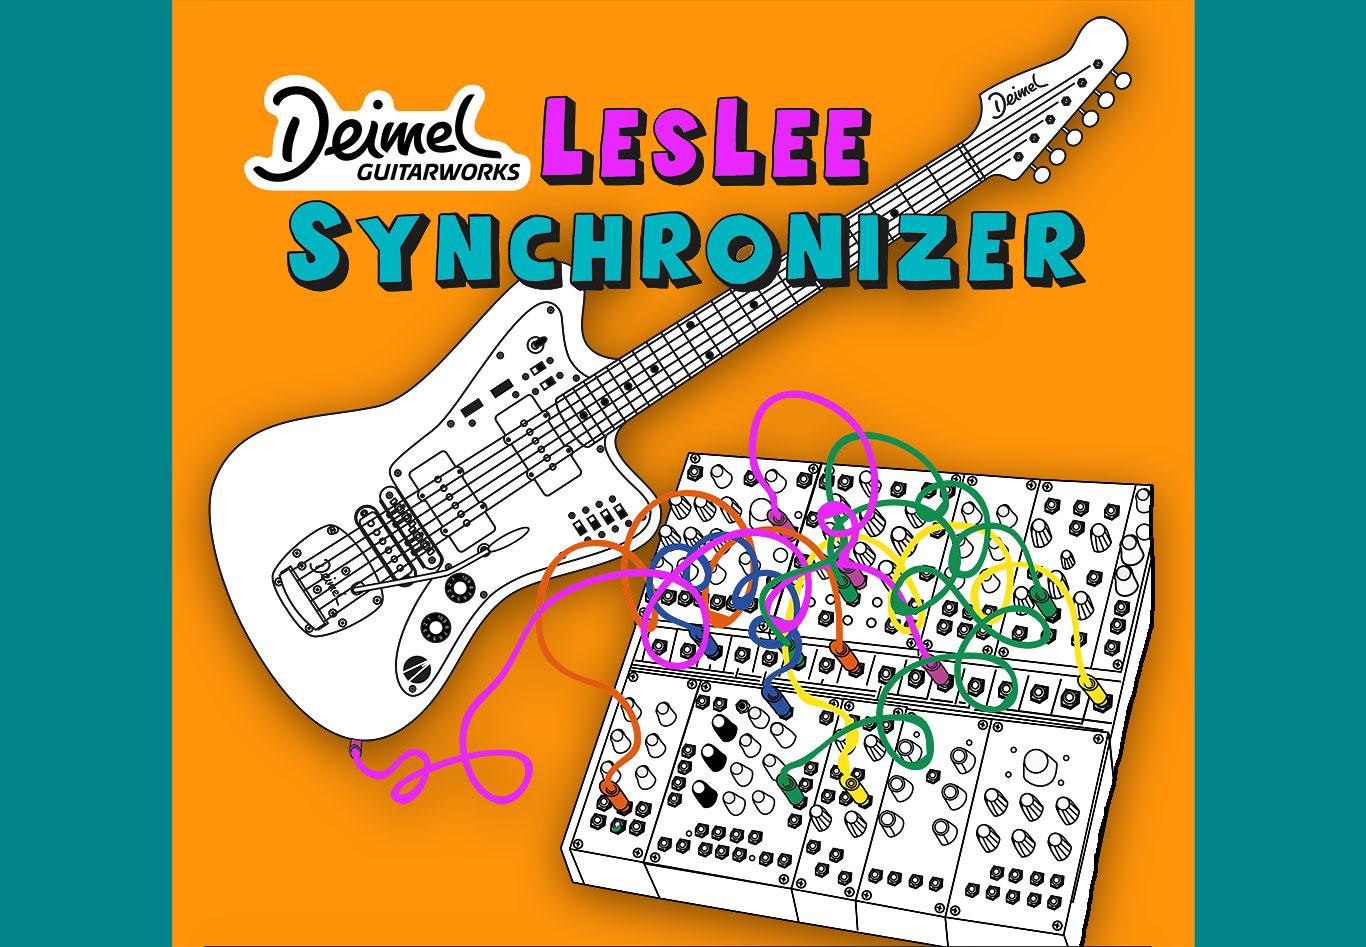 Deimel Firestar LesLee Synchronizer